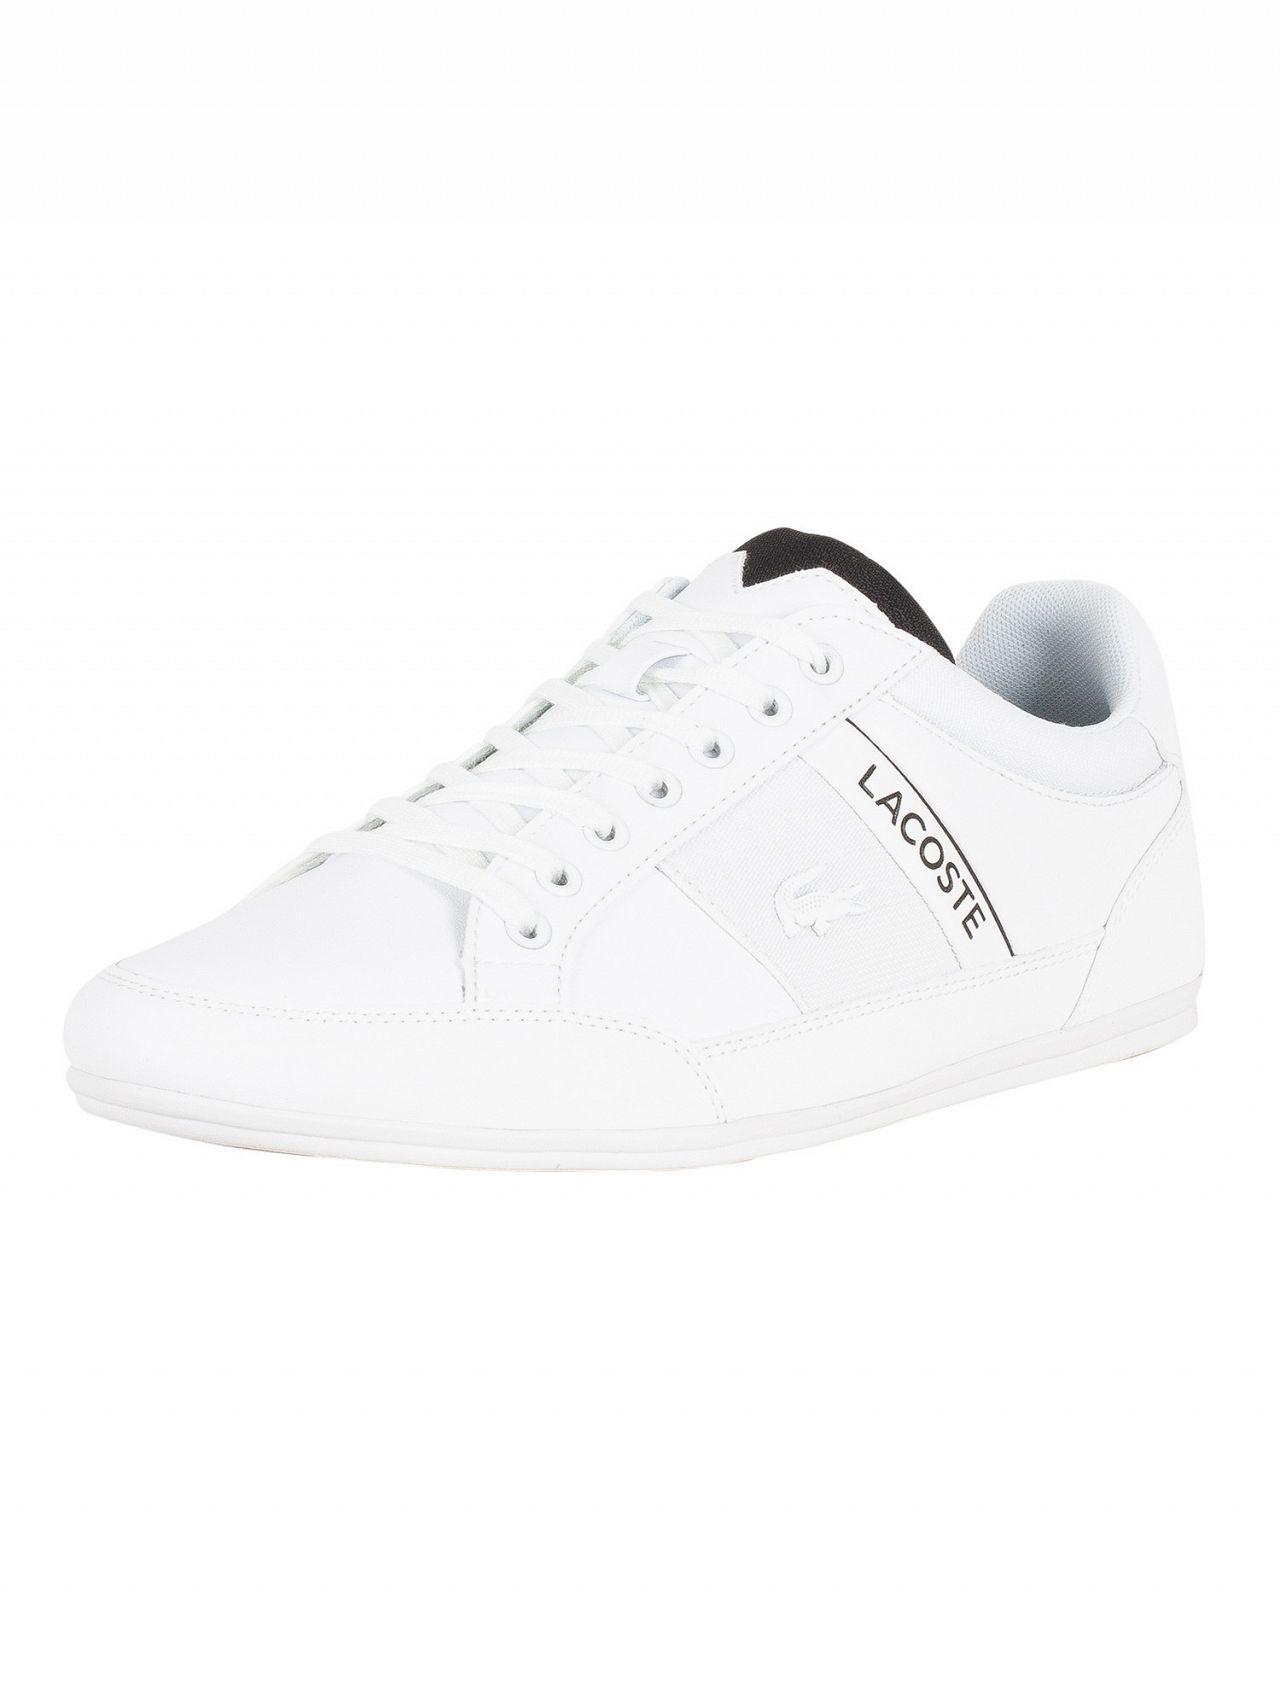 fd329f3f7 Lacoste Chaymon 318 4 in White for Men - Lyst